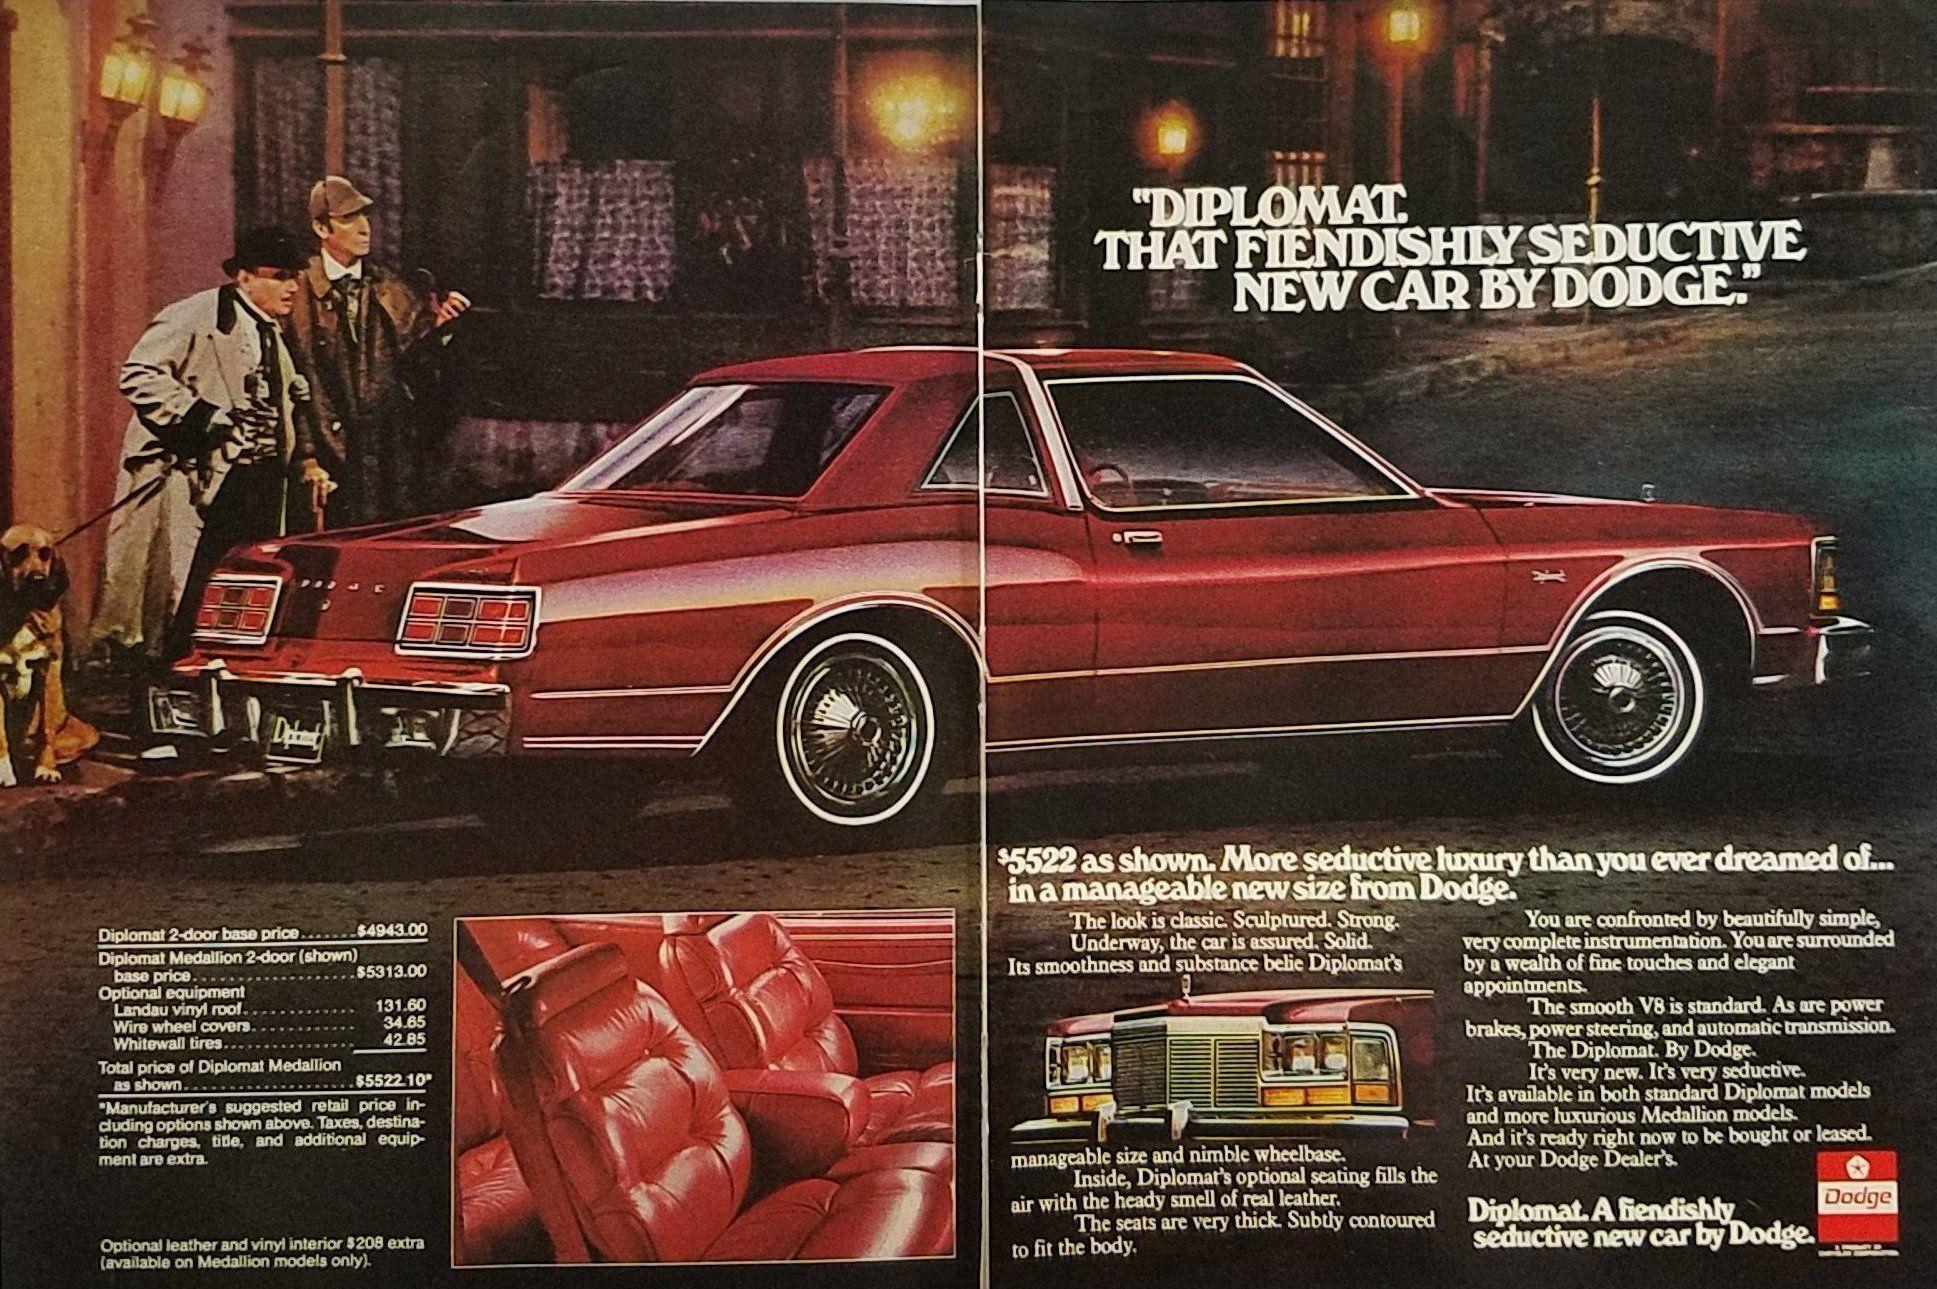 1977 Dodge Diplomat Vintage Ad Sherlock Holmes Bloodhound Dog Vintage Ads Dodge Car Ads